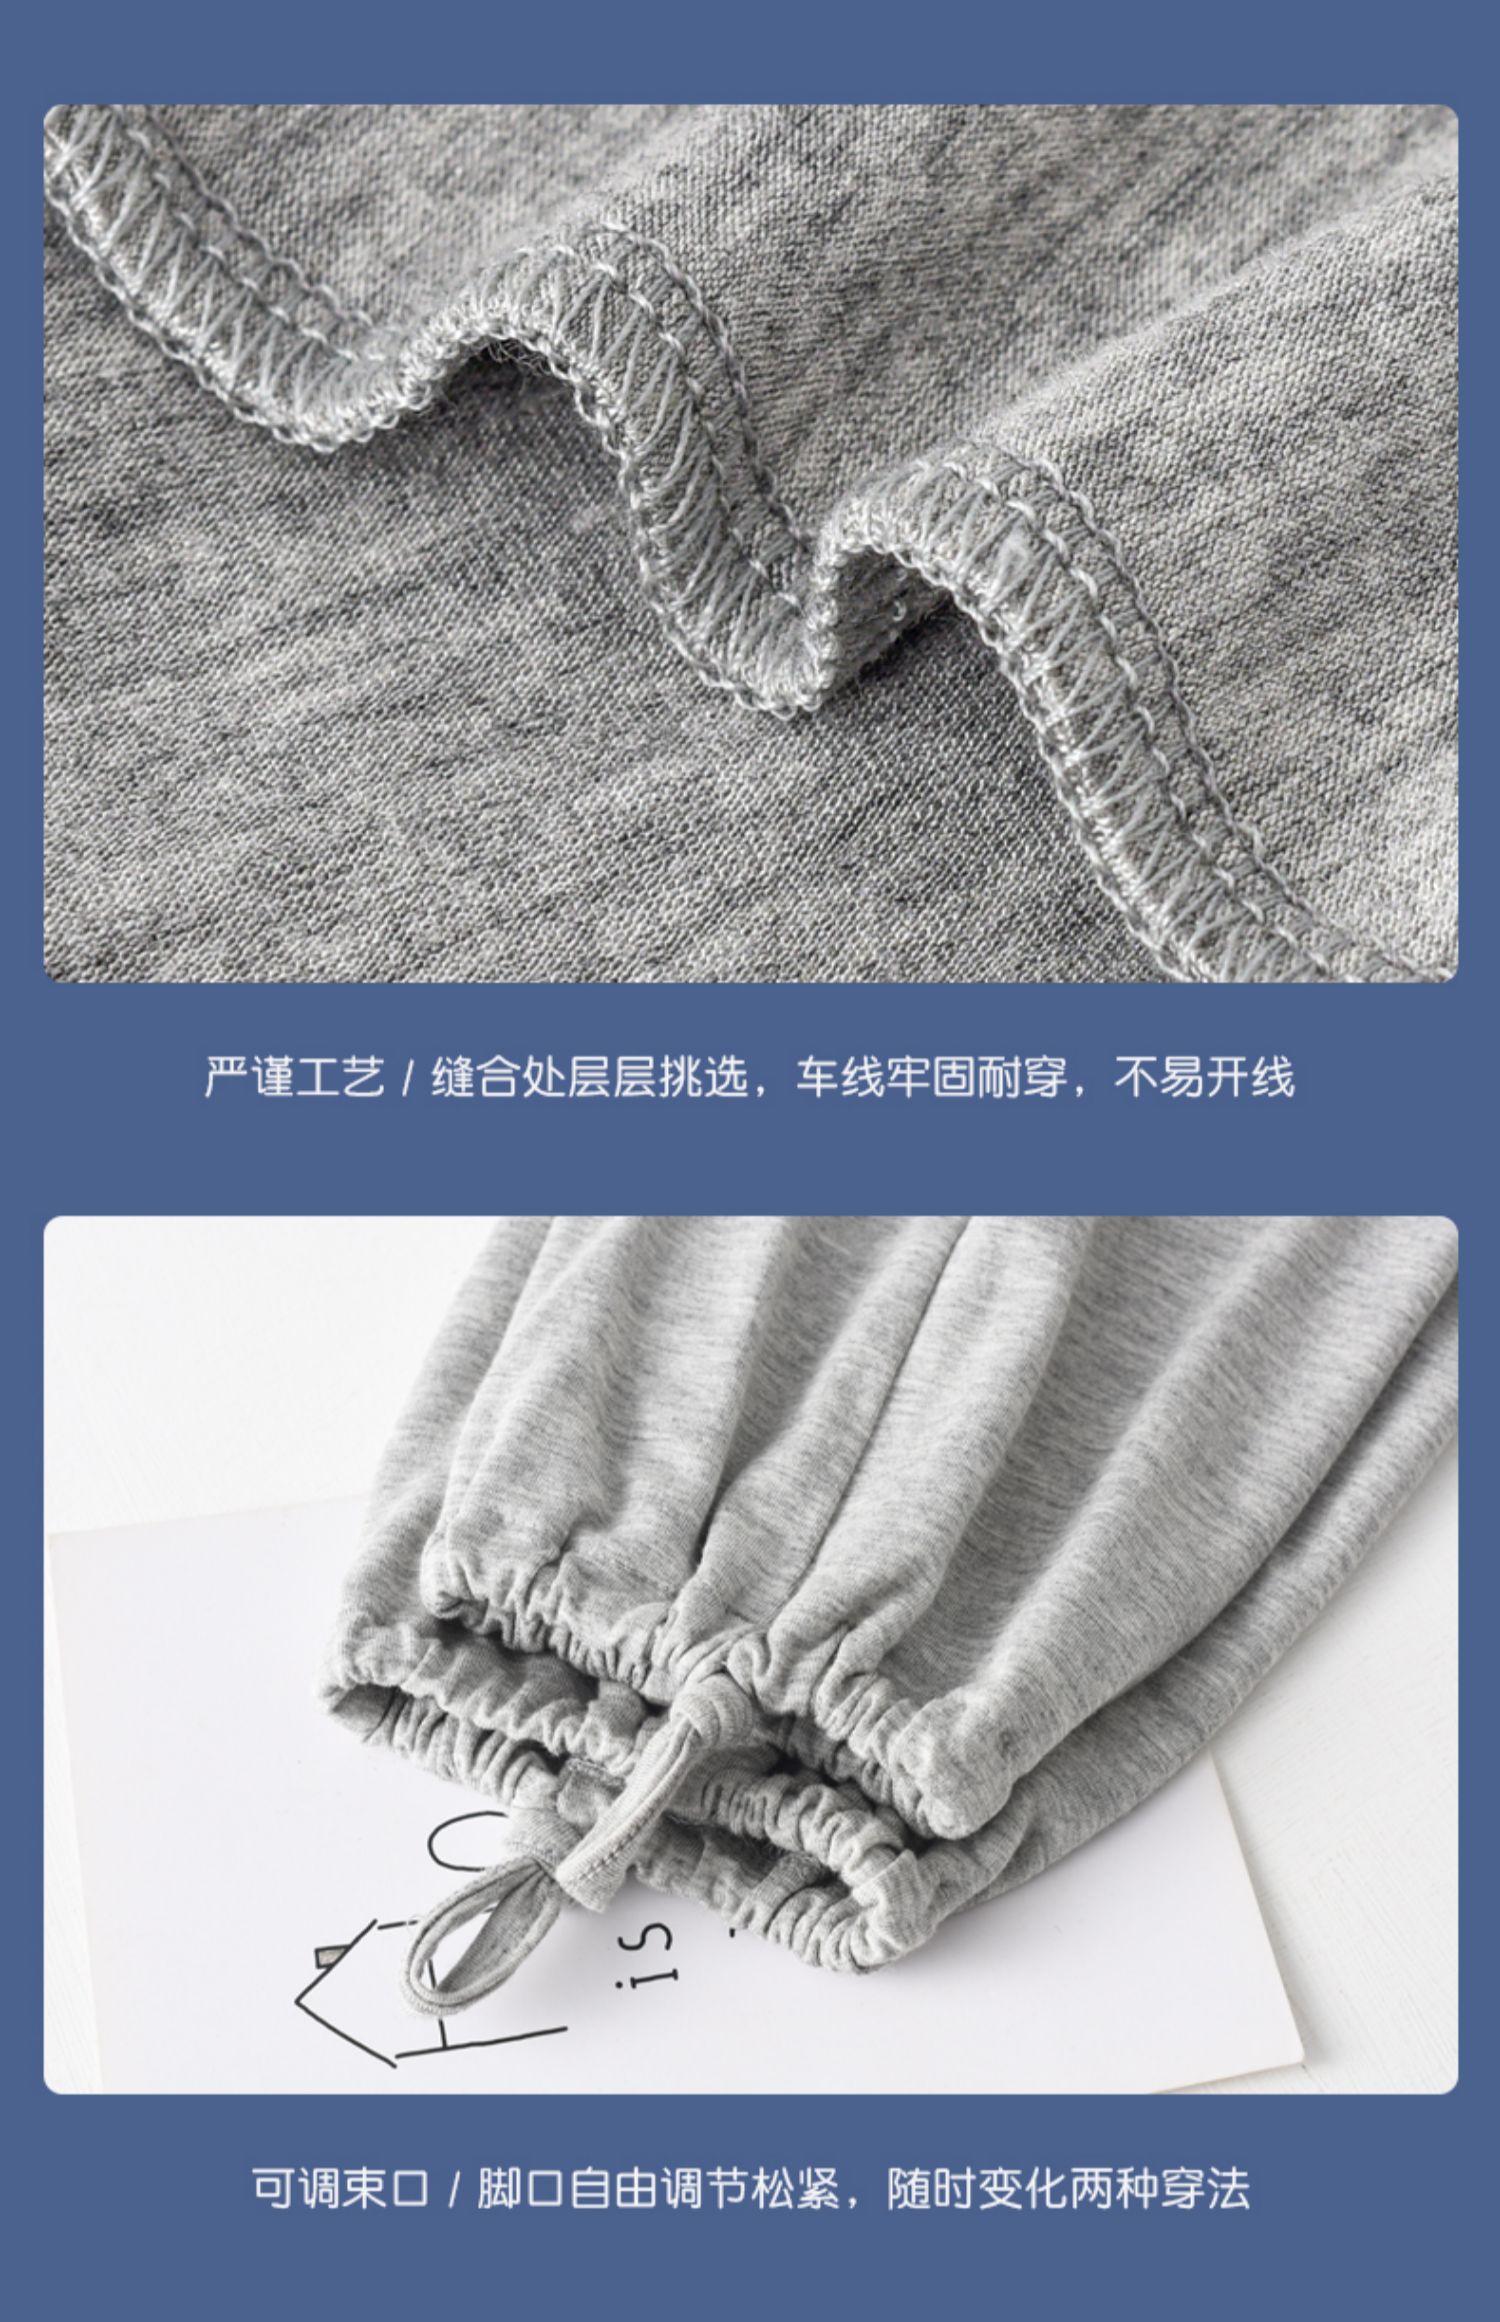 【疯了疯了】北极绒夏季防蚊裤